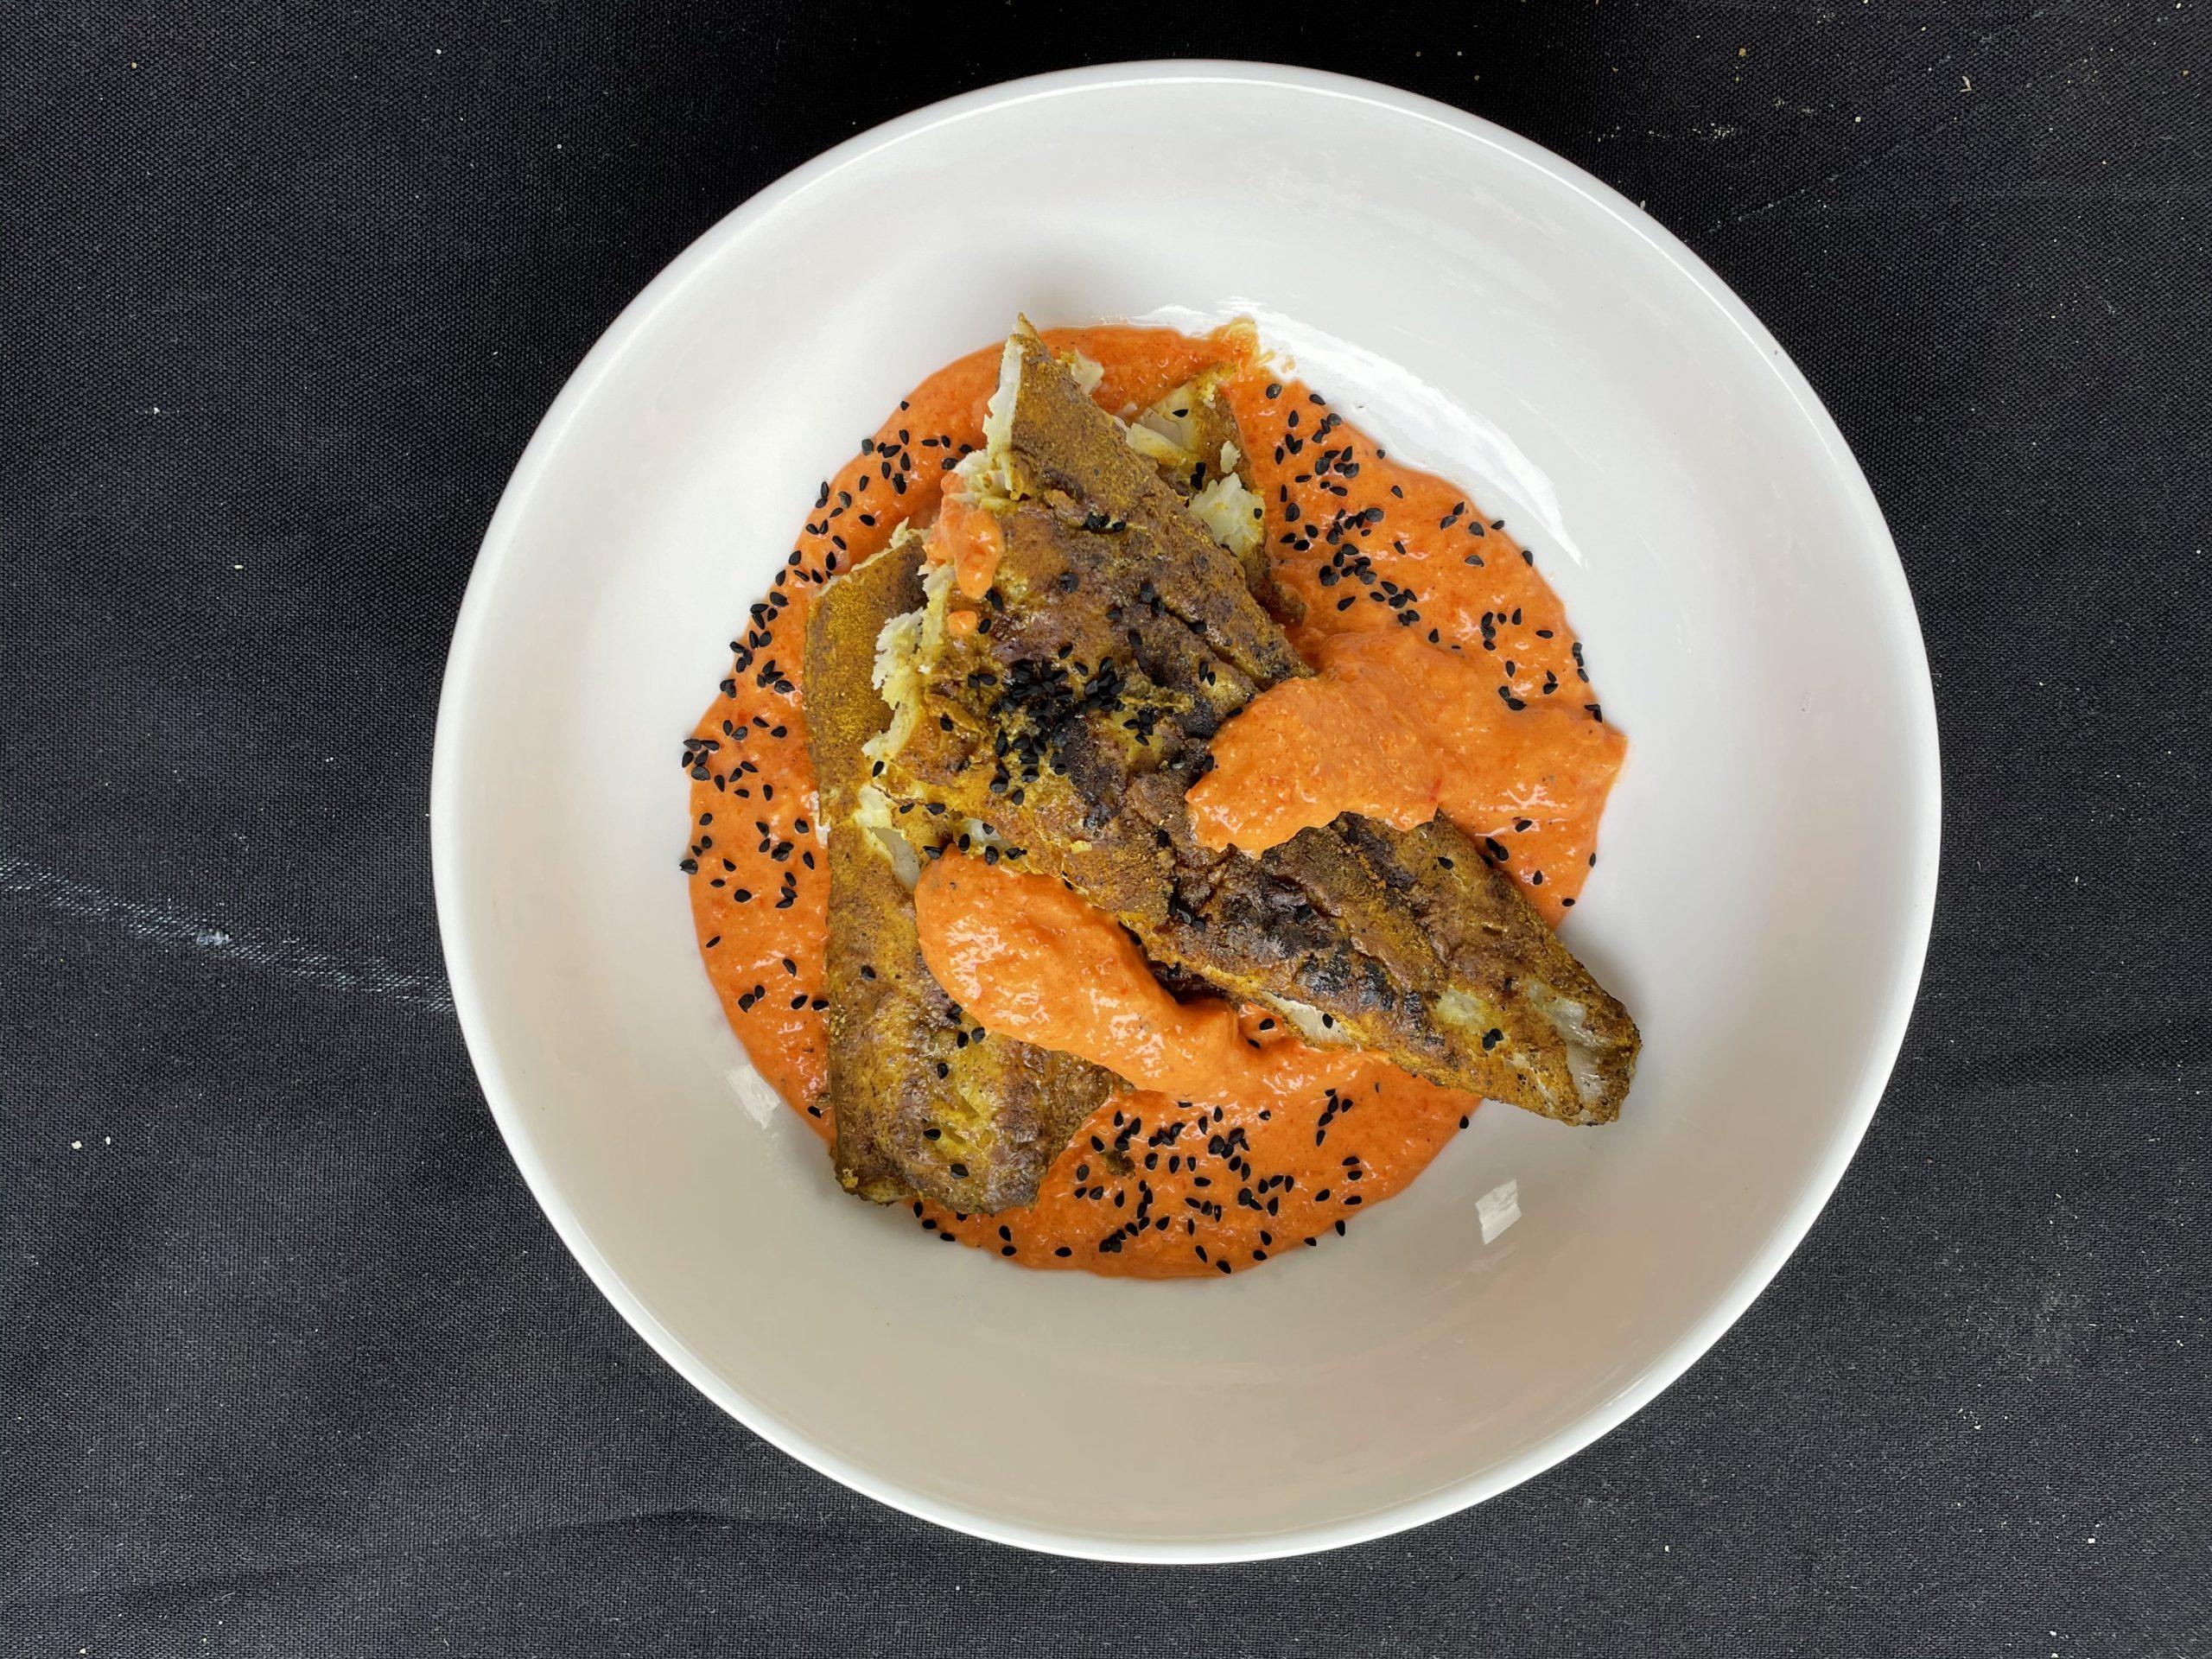 Grillowana ryba w sosie paprykowym